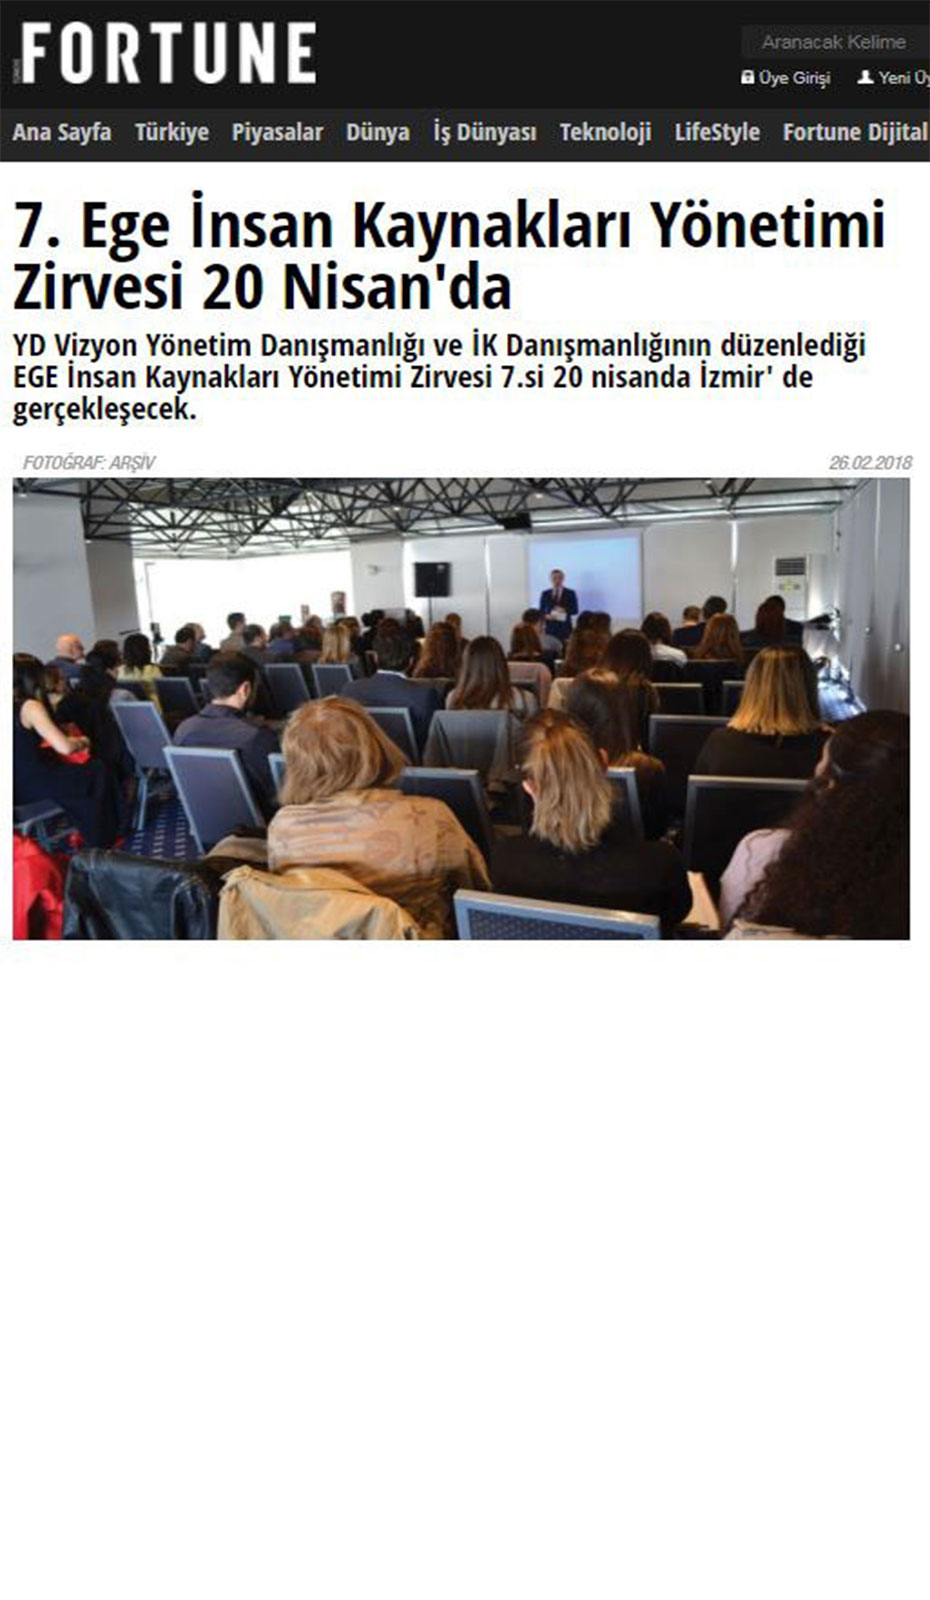 Fortune Türkiye - 7. İK Yönetimi Zirvesi - Haber